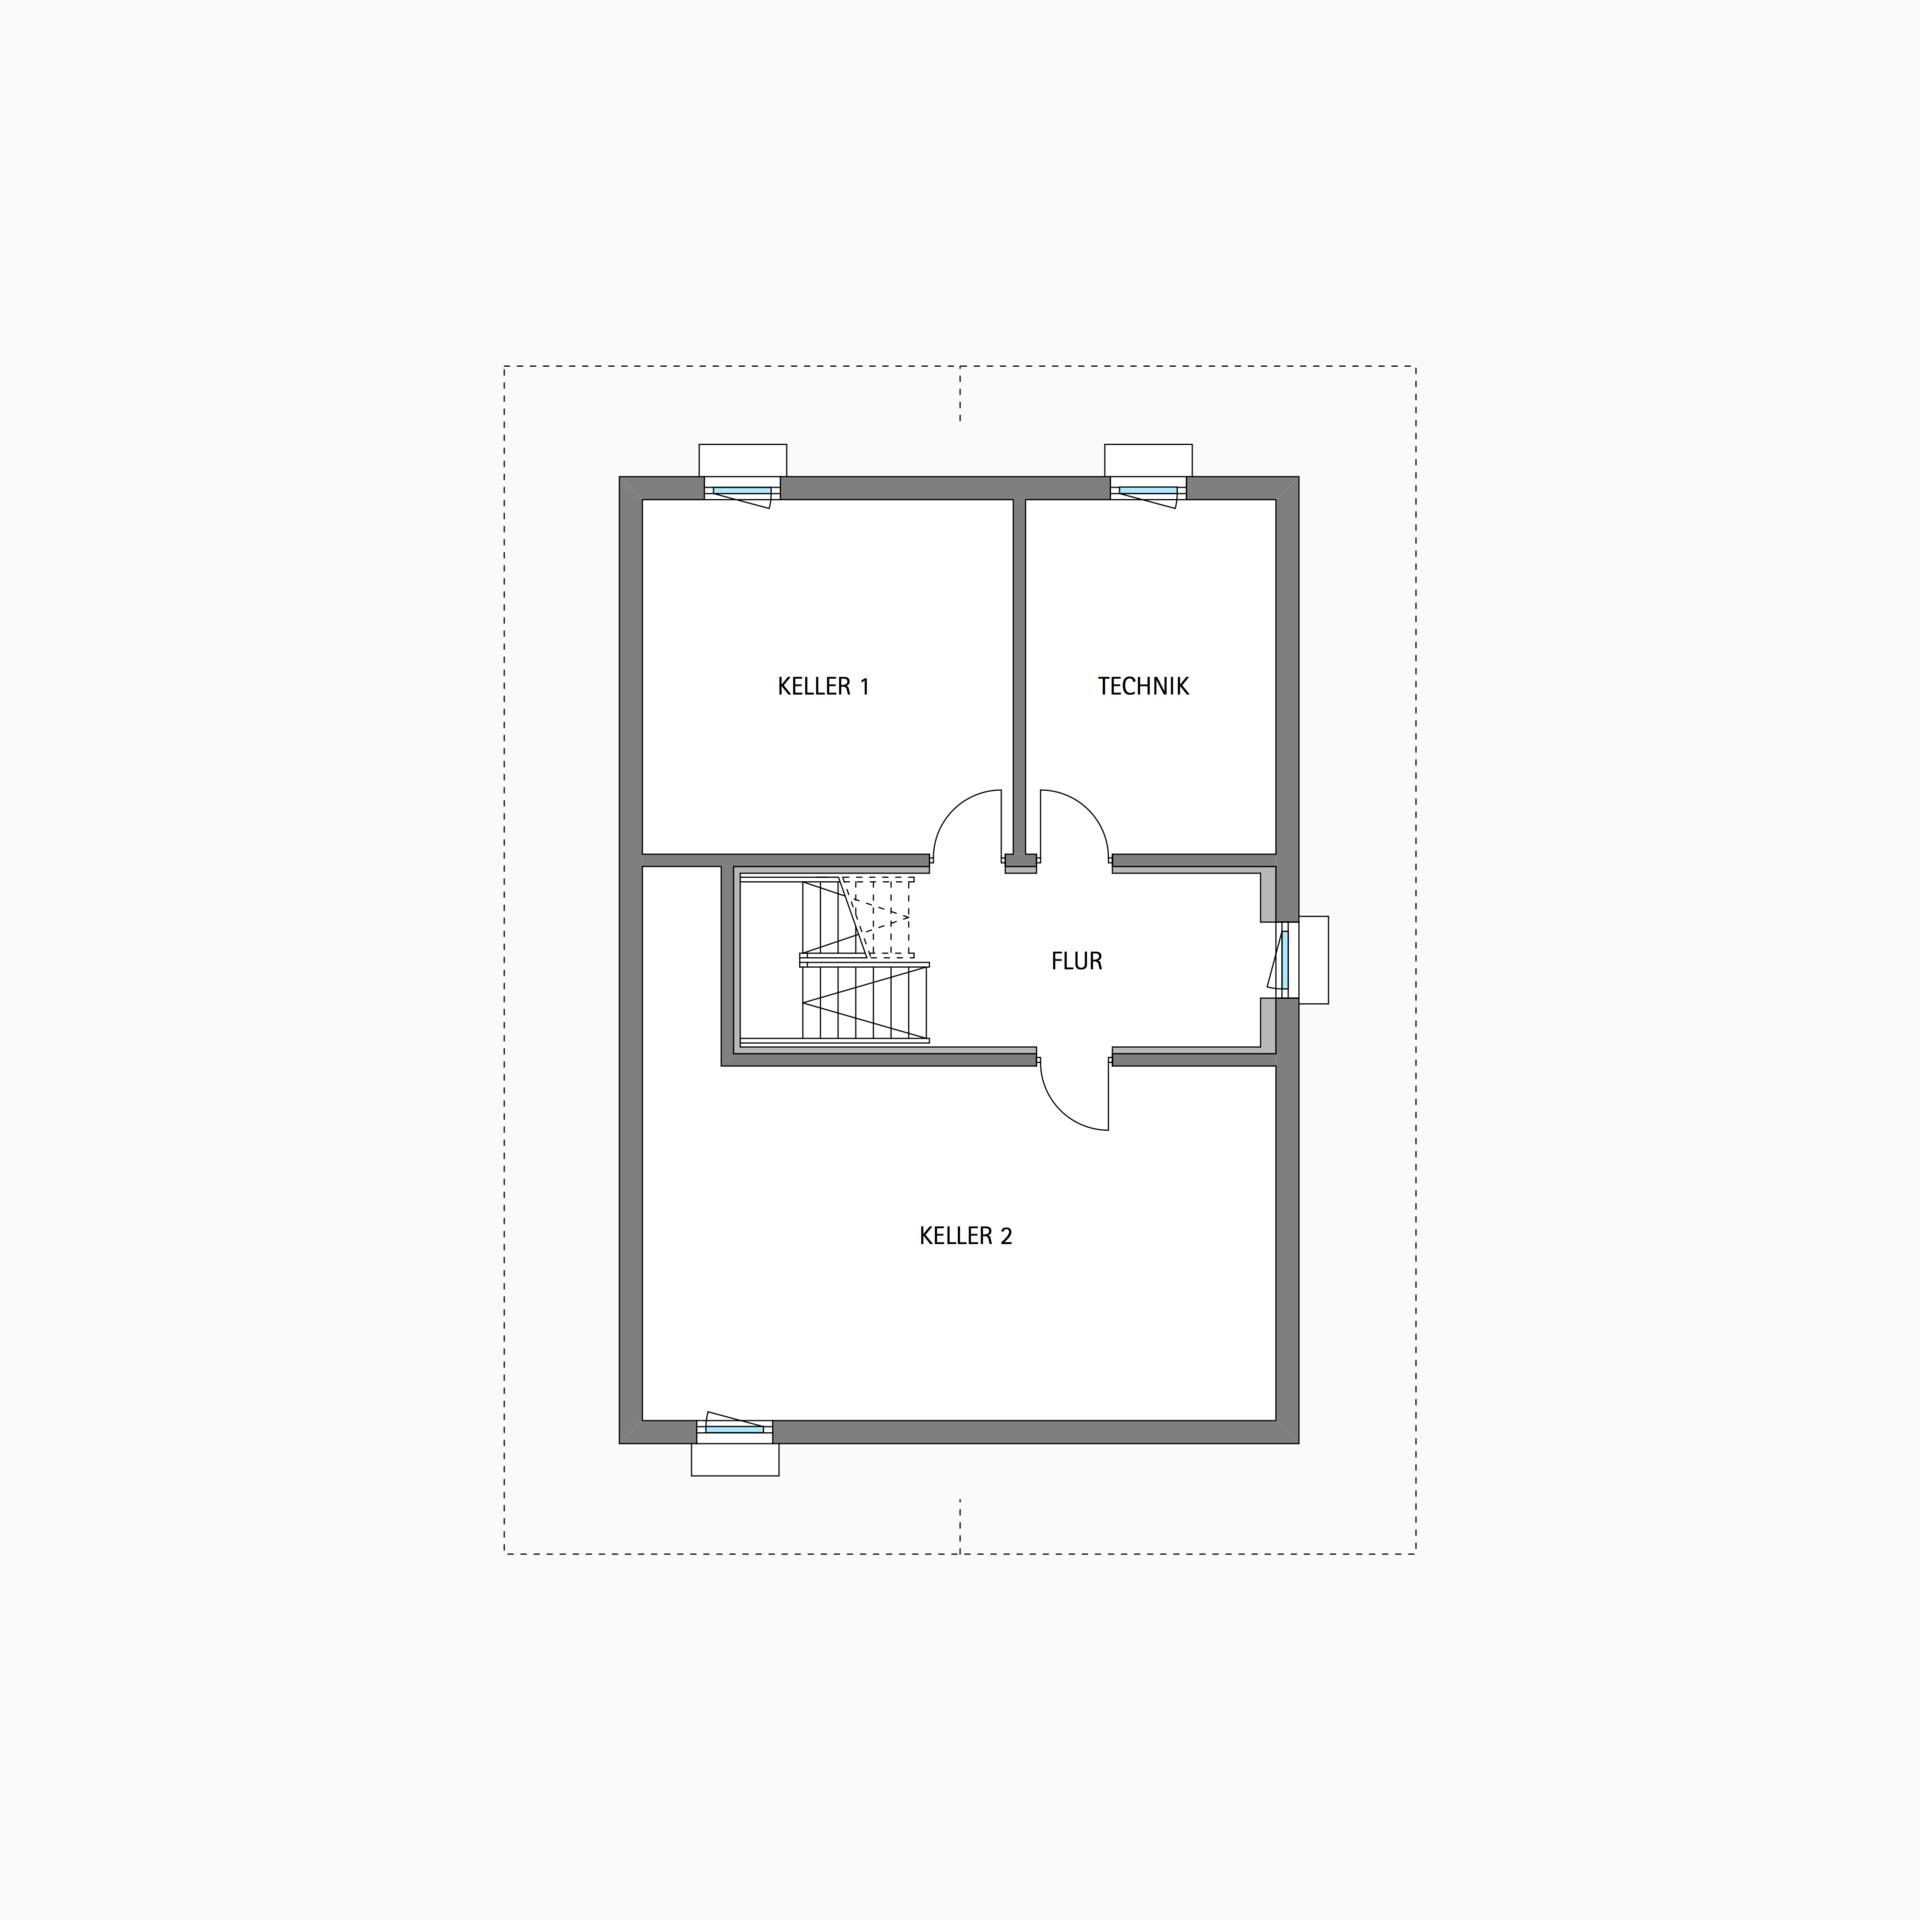 HUF Fachwerkhaus Grundriss Untergeschoss MODUM 710 Haus